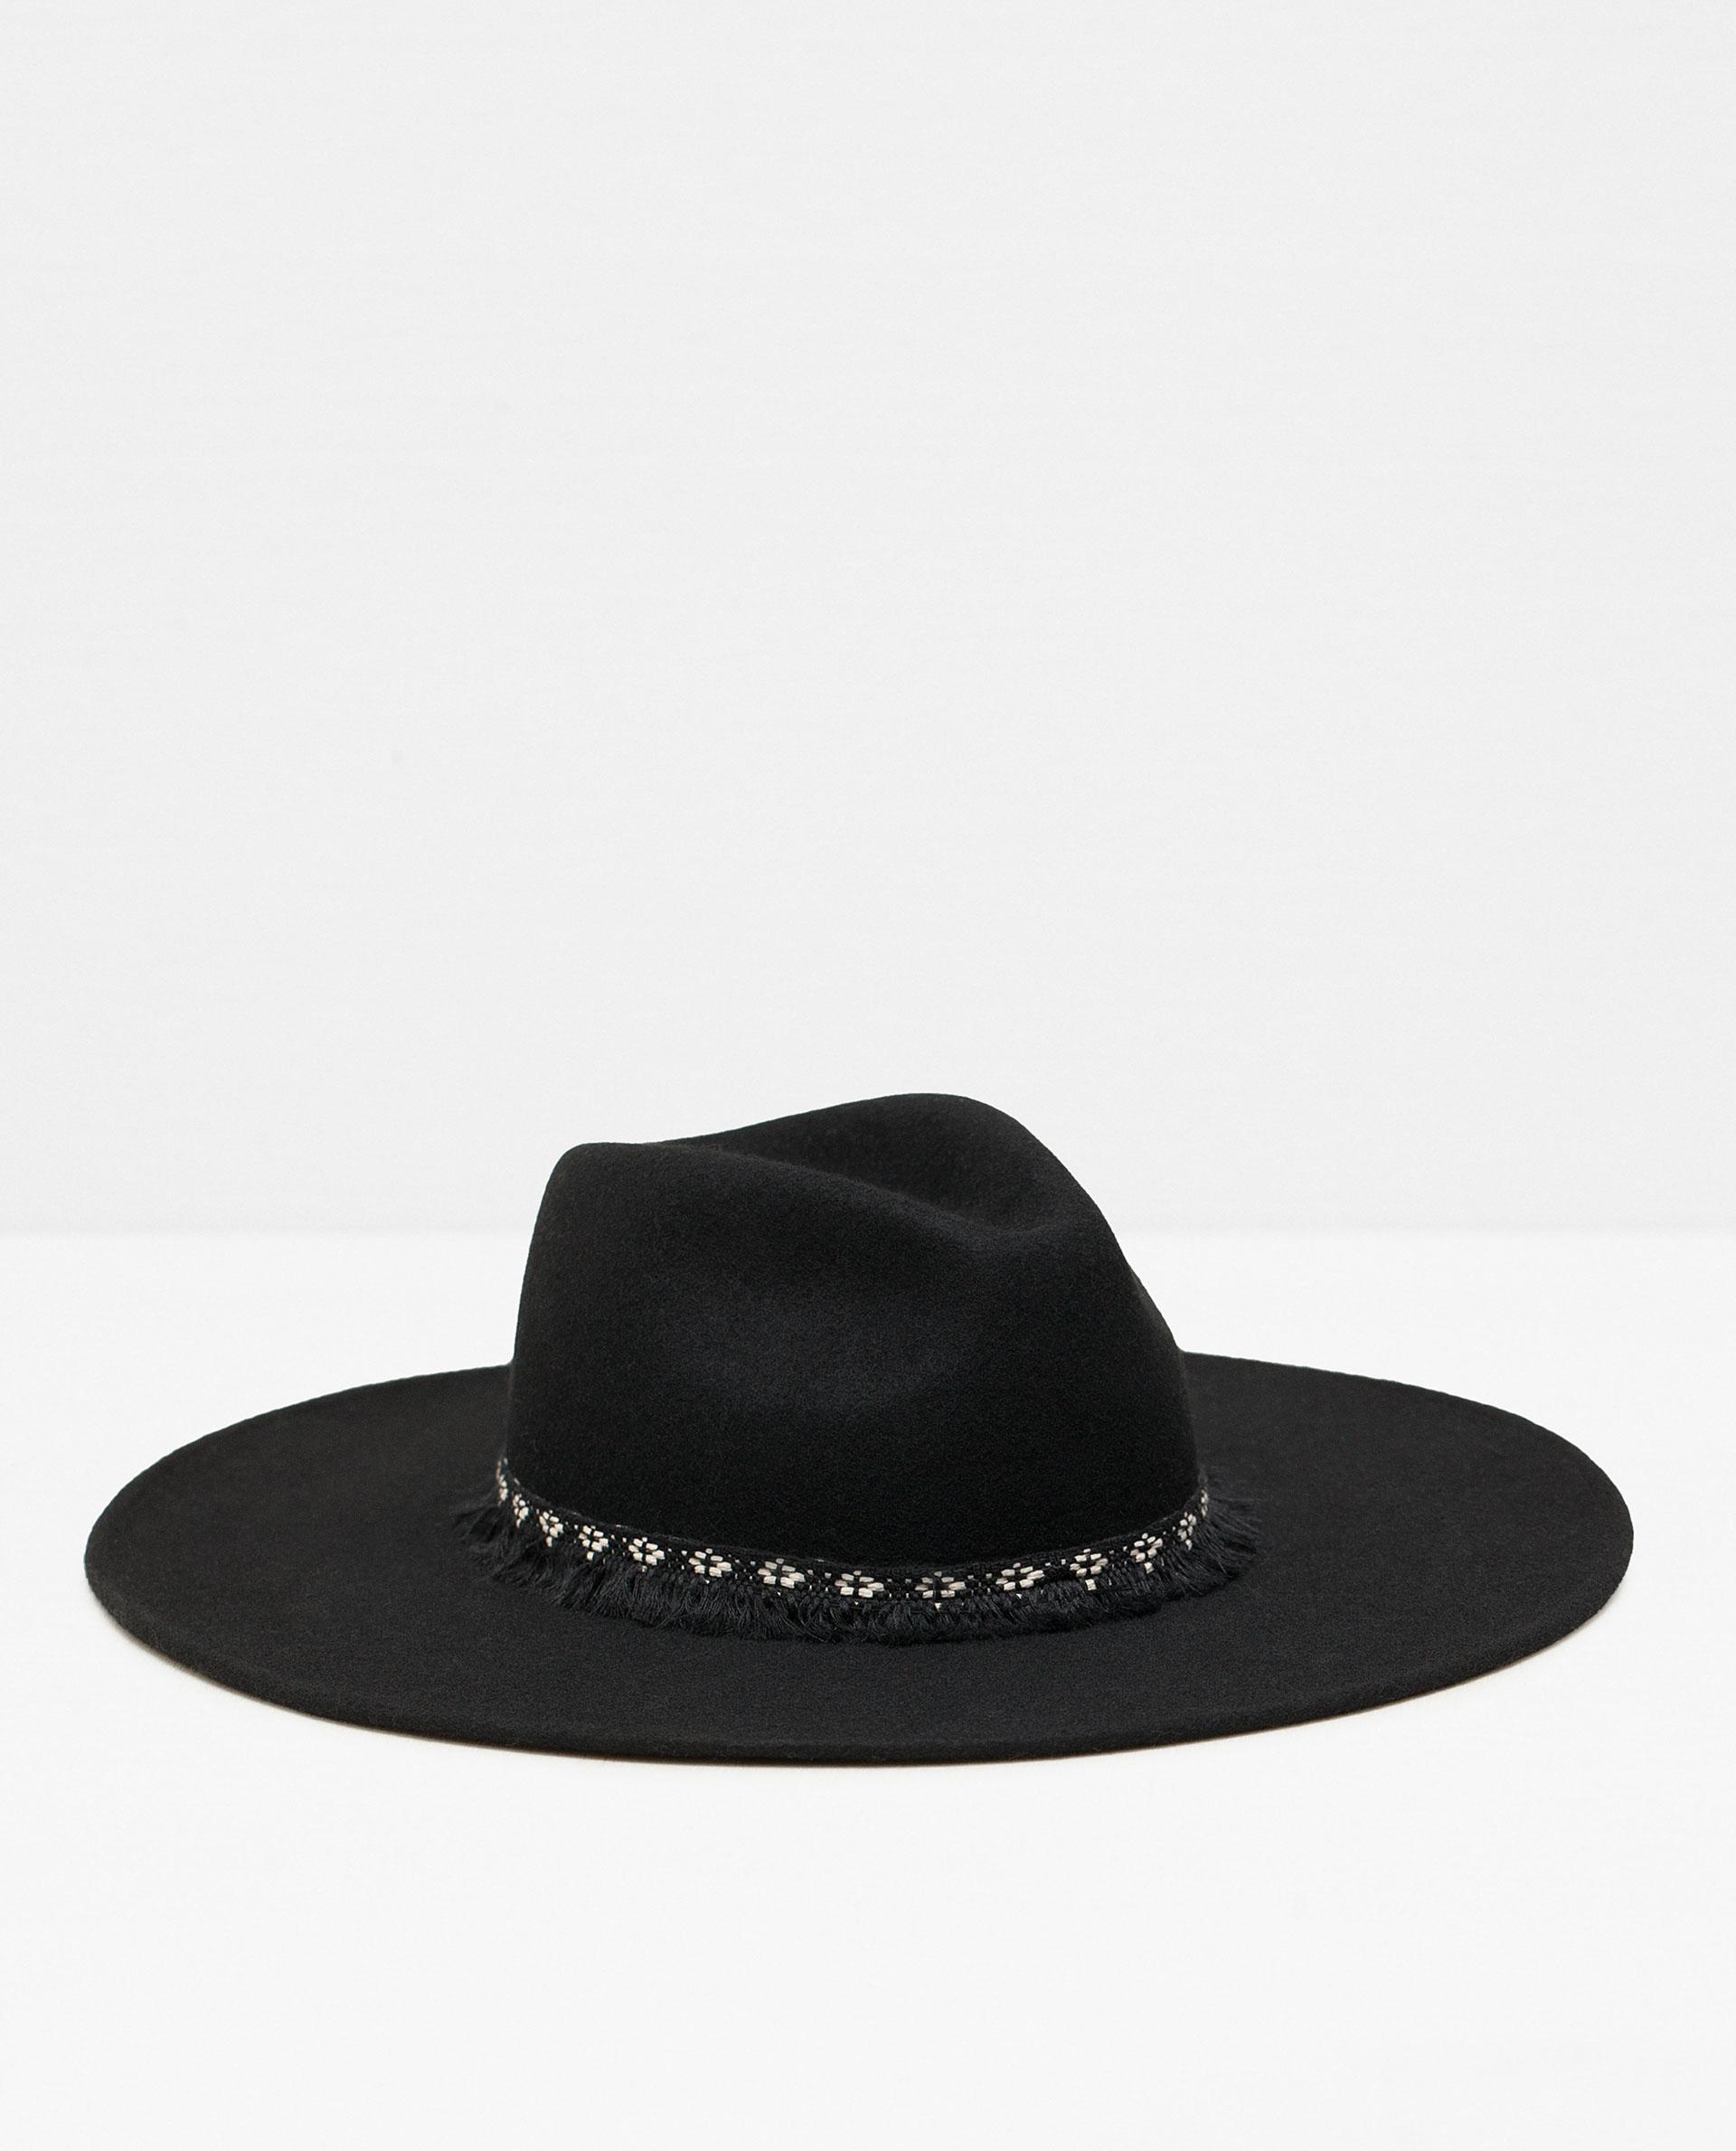 ZARA czarny kapelusz z dużym rondem